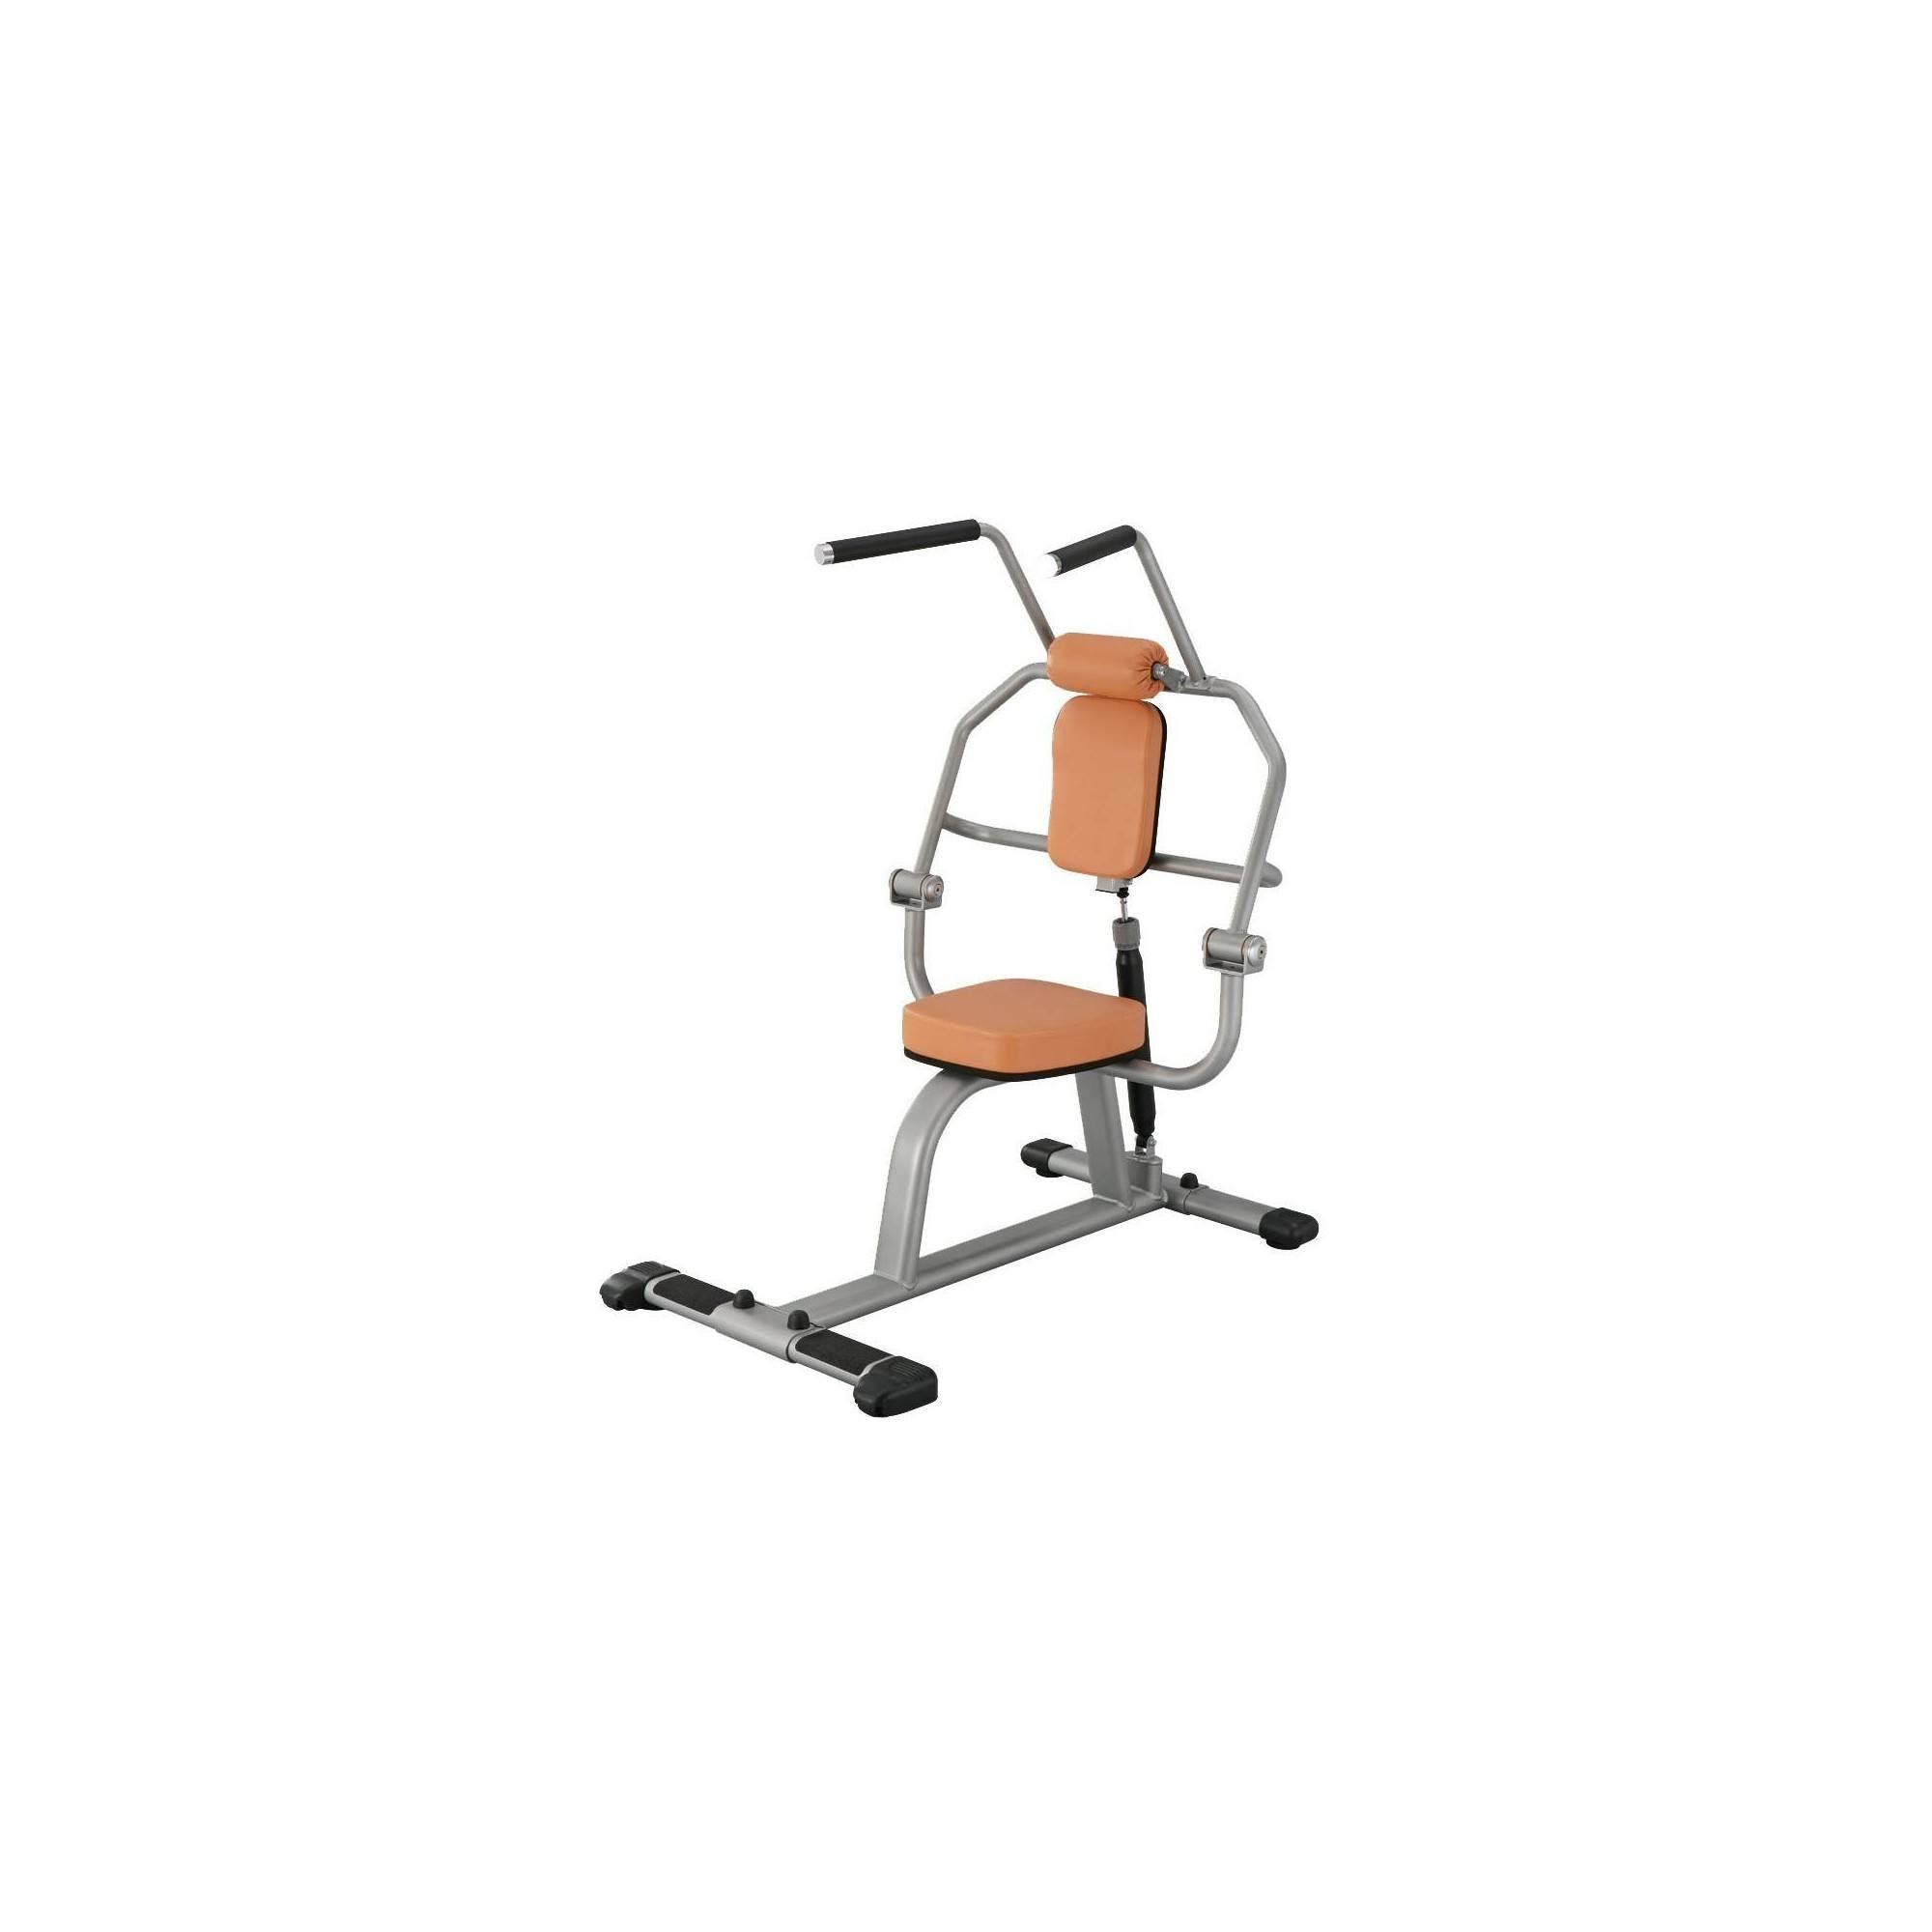 Trening obwodowy STEELFLEX CAB1000 ORANGE mięśnie brzucha,producent: STEELFLEX, photo: 1